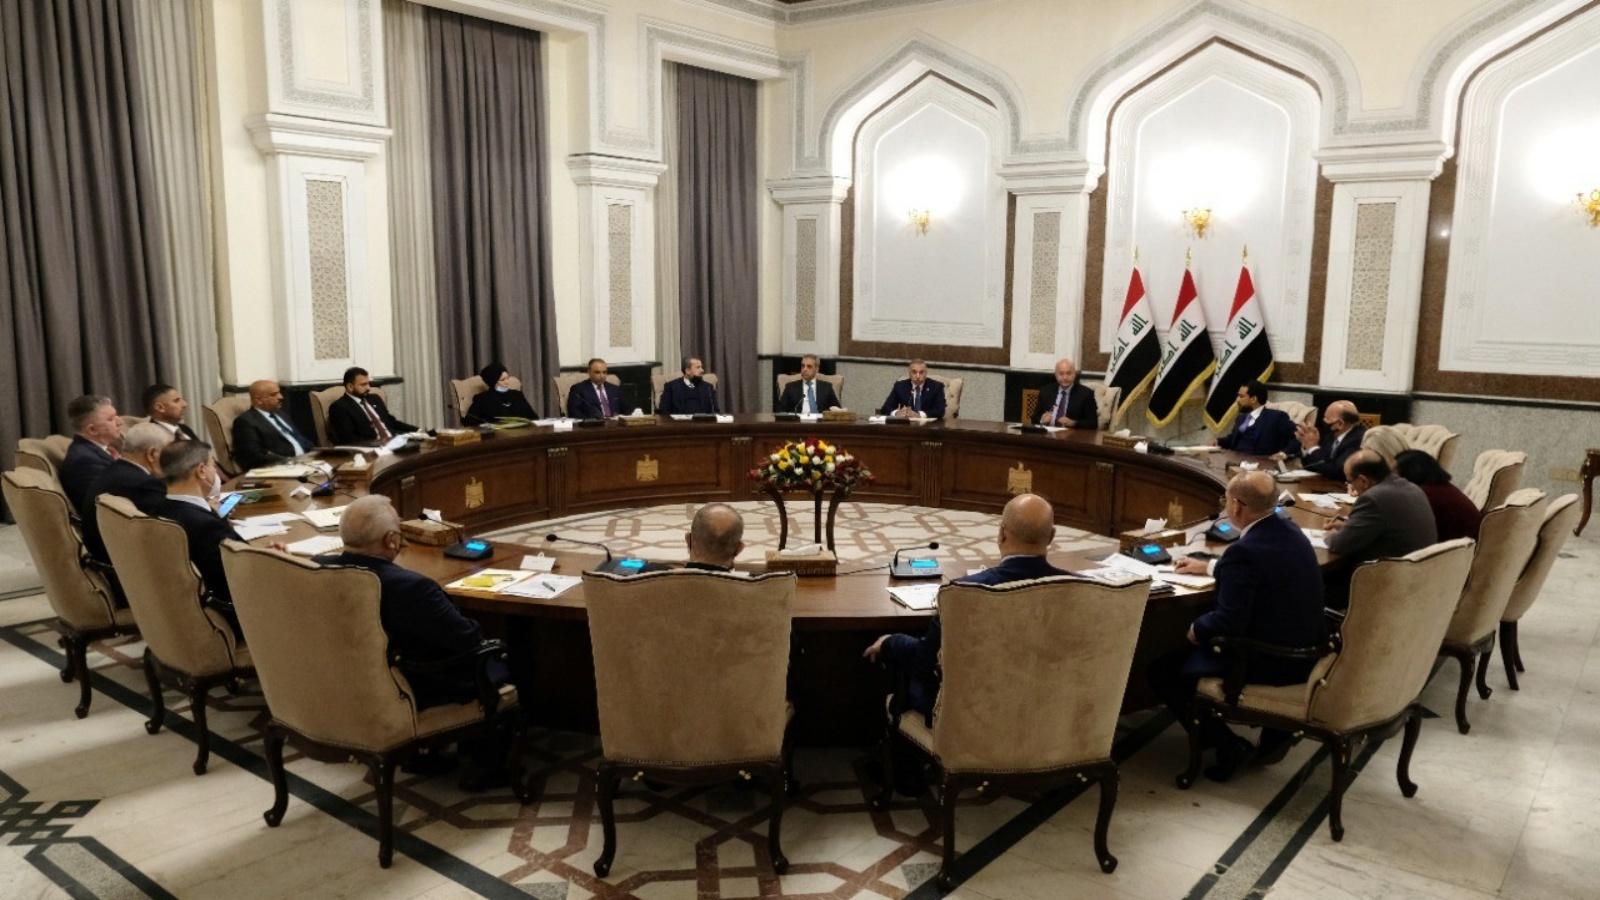 الرئاسات العراقية خلال اجتماعها امس مع بعثة الامم المتحدة ومفوضية الانتخابات حول موعد الانتخابات المبكرة